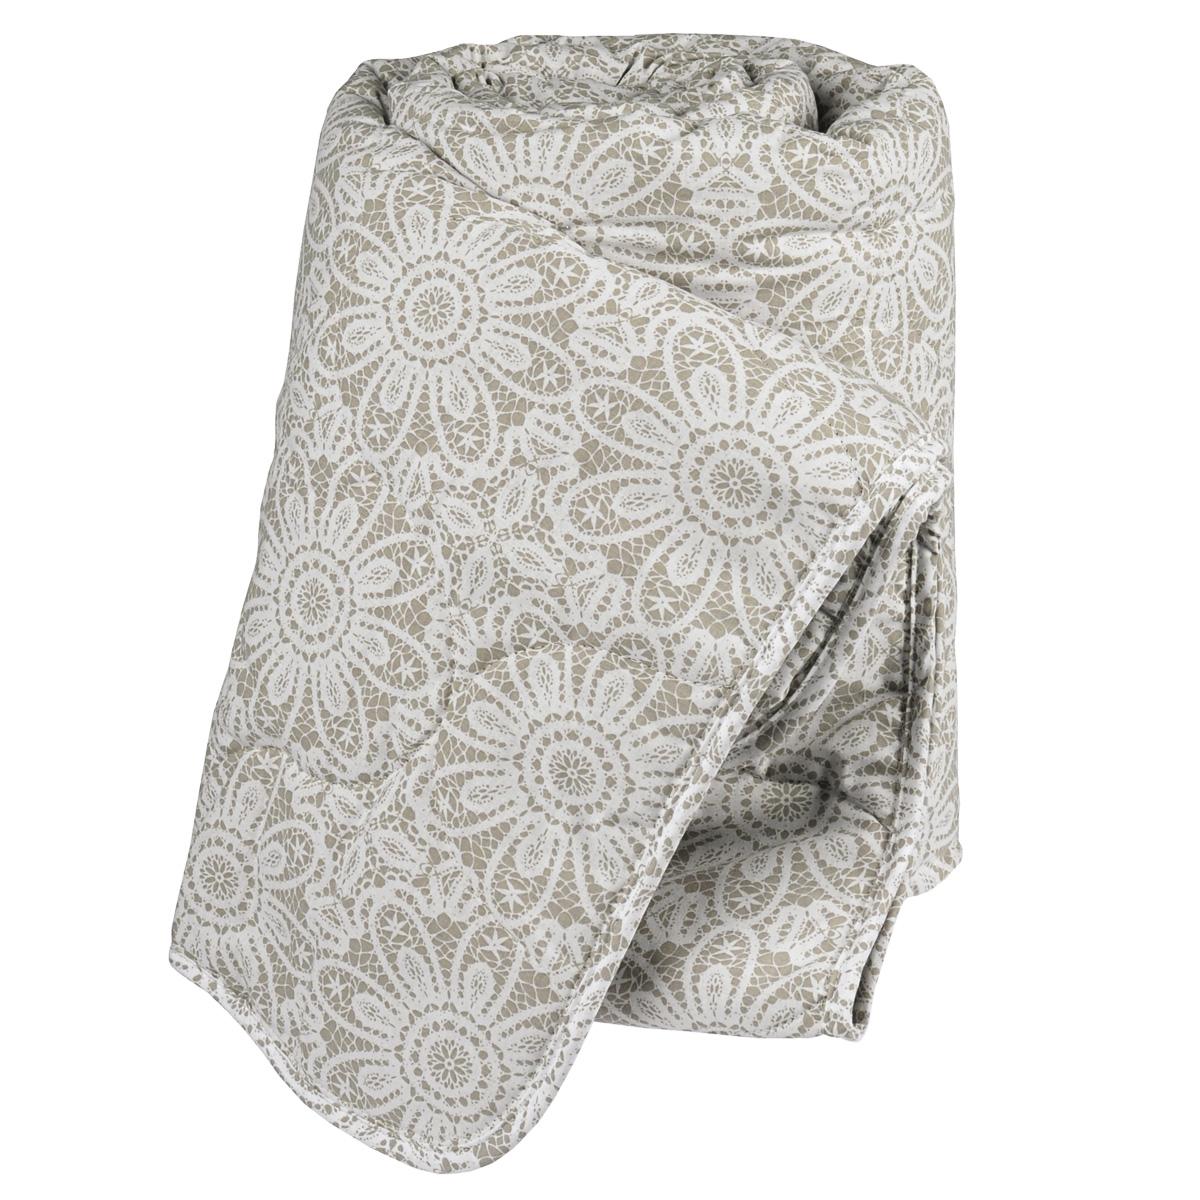 Одеяло Green Line Лен, наполнитель: льняное волокно, 140 см х 205 смS03301004Мягкое и комфортное одеяло Green Line Лен подарит вам незабываемое чувство уюта и умиротворения. Чехол выполнен из чистого хлопка. Одеяло поможет создать максимально удобные и благоприятные условия для сладкого сна.Преимущества льняного наполнителя: - имеет эффект активного дыхания, - природный антисептик, - холодит в жару и согревает в холод. Лен полезен для здоровья, обладает положительной энергетикой.Не стирать, не гладить. Материал верха: 100% хлопок. Наполнитель: 90% льняное волокно, 10% полиэстер.Масса наполнителя: 300 г/м2.